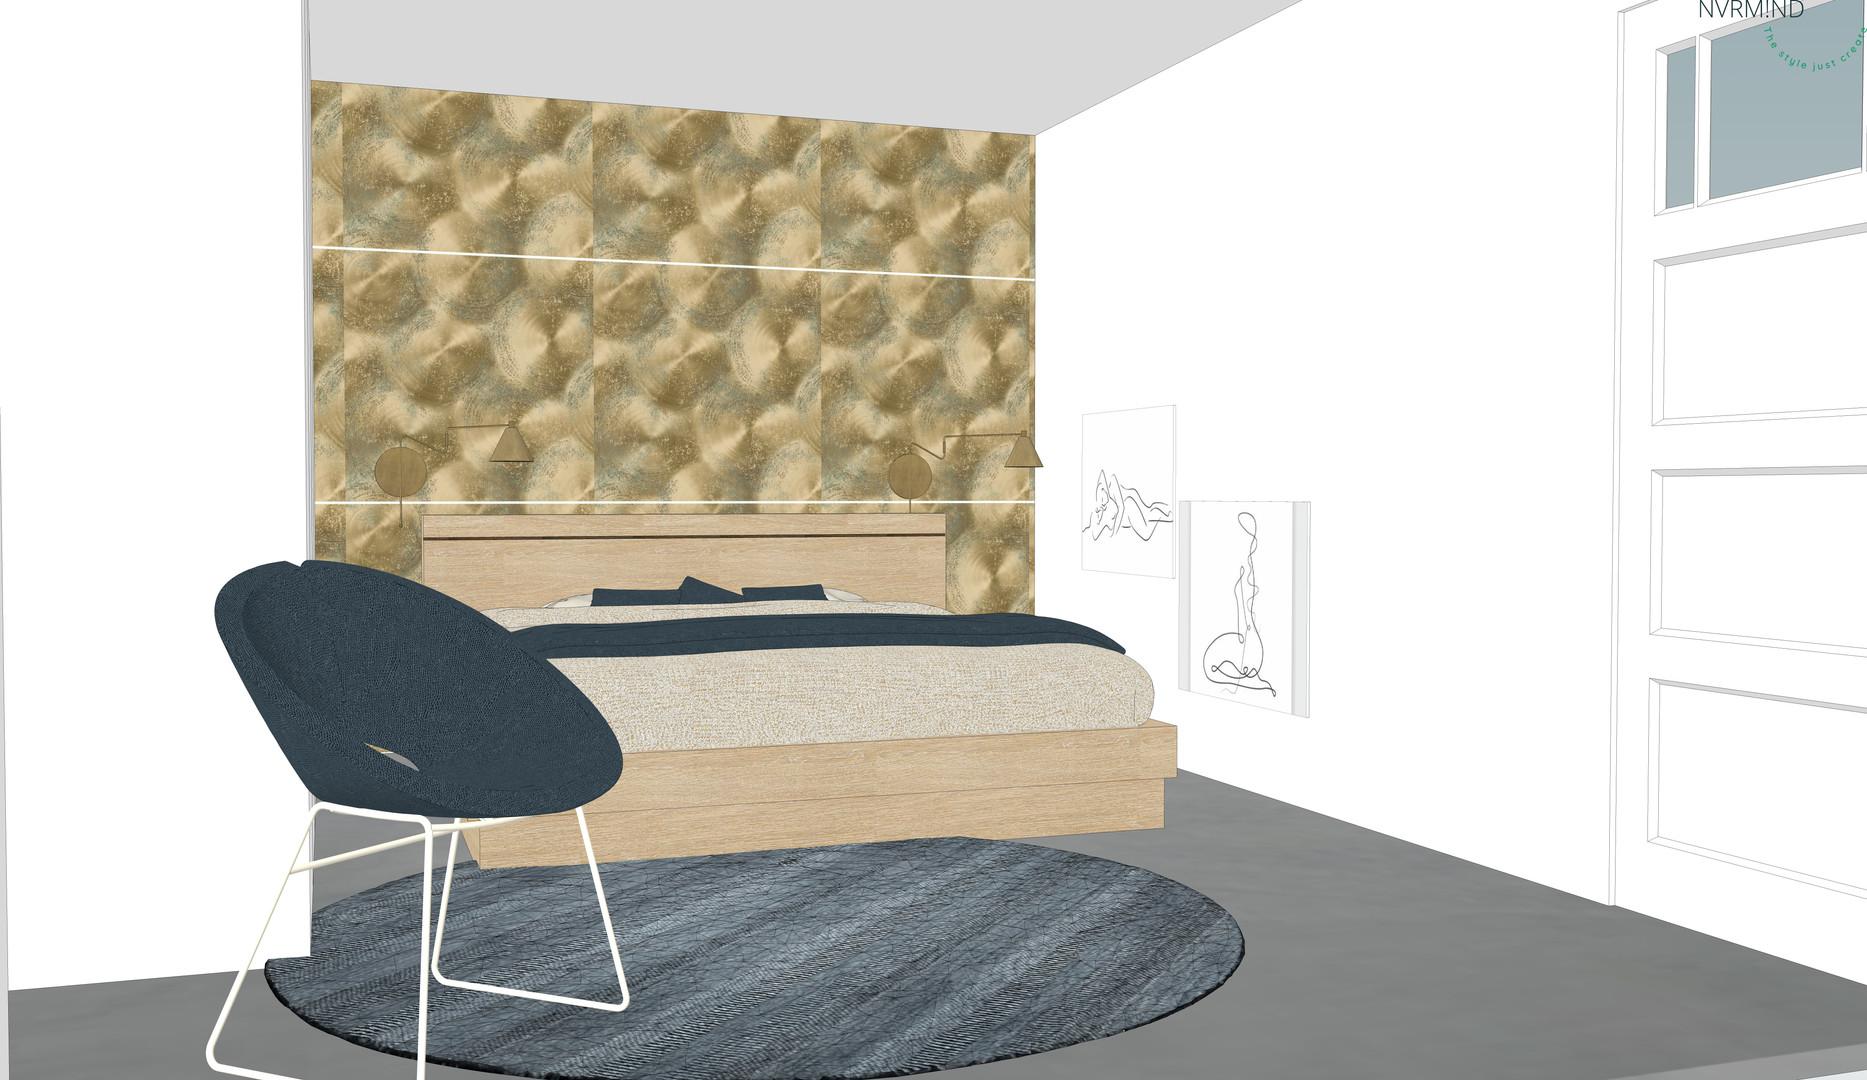 Spannend, sexy moderne slaapkamer